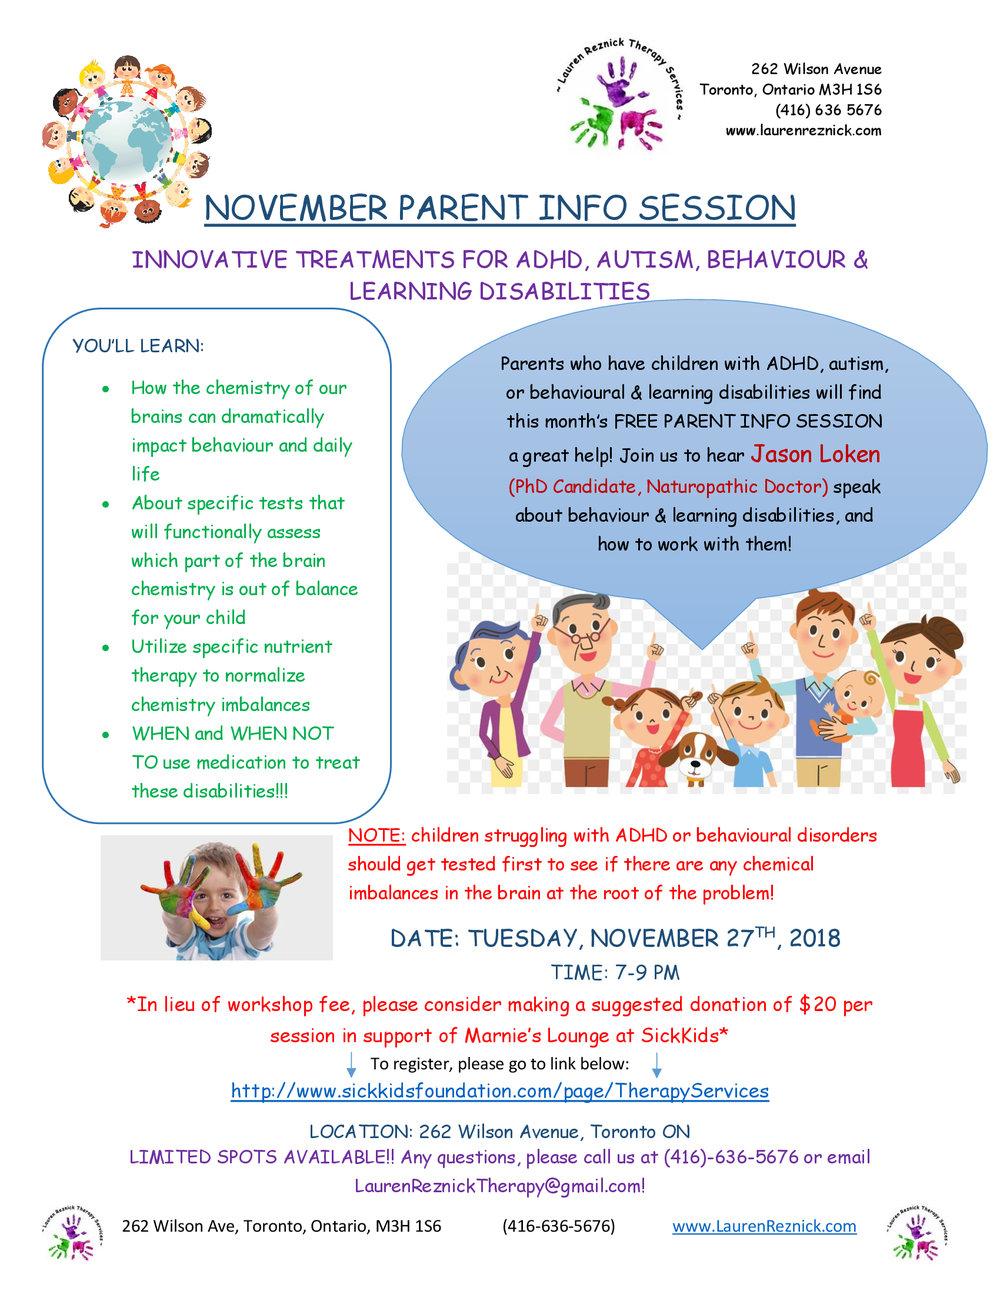 NOVEMBER-PARENT-INFO-SESSION-LEARNING.jpg